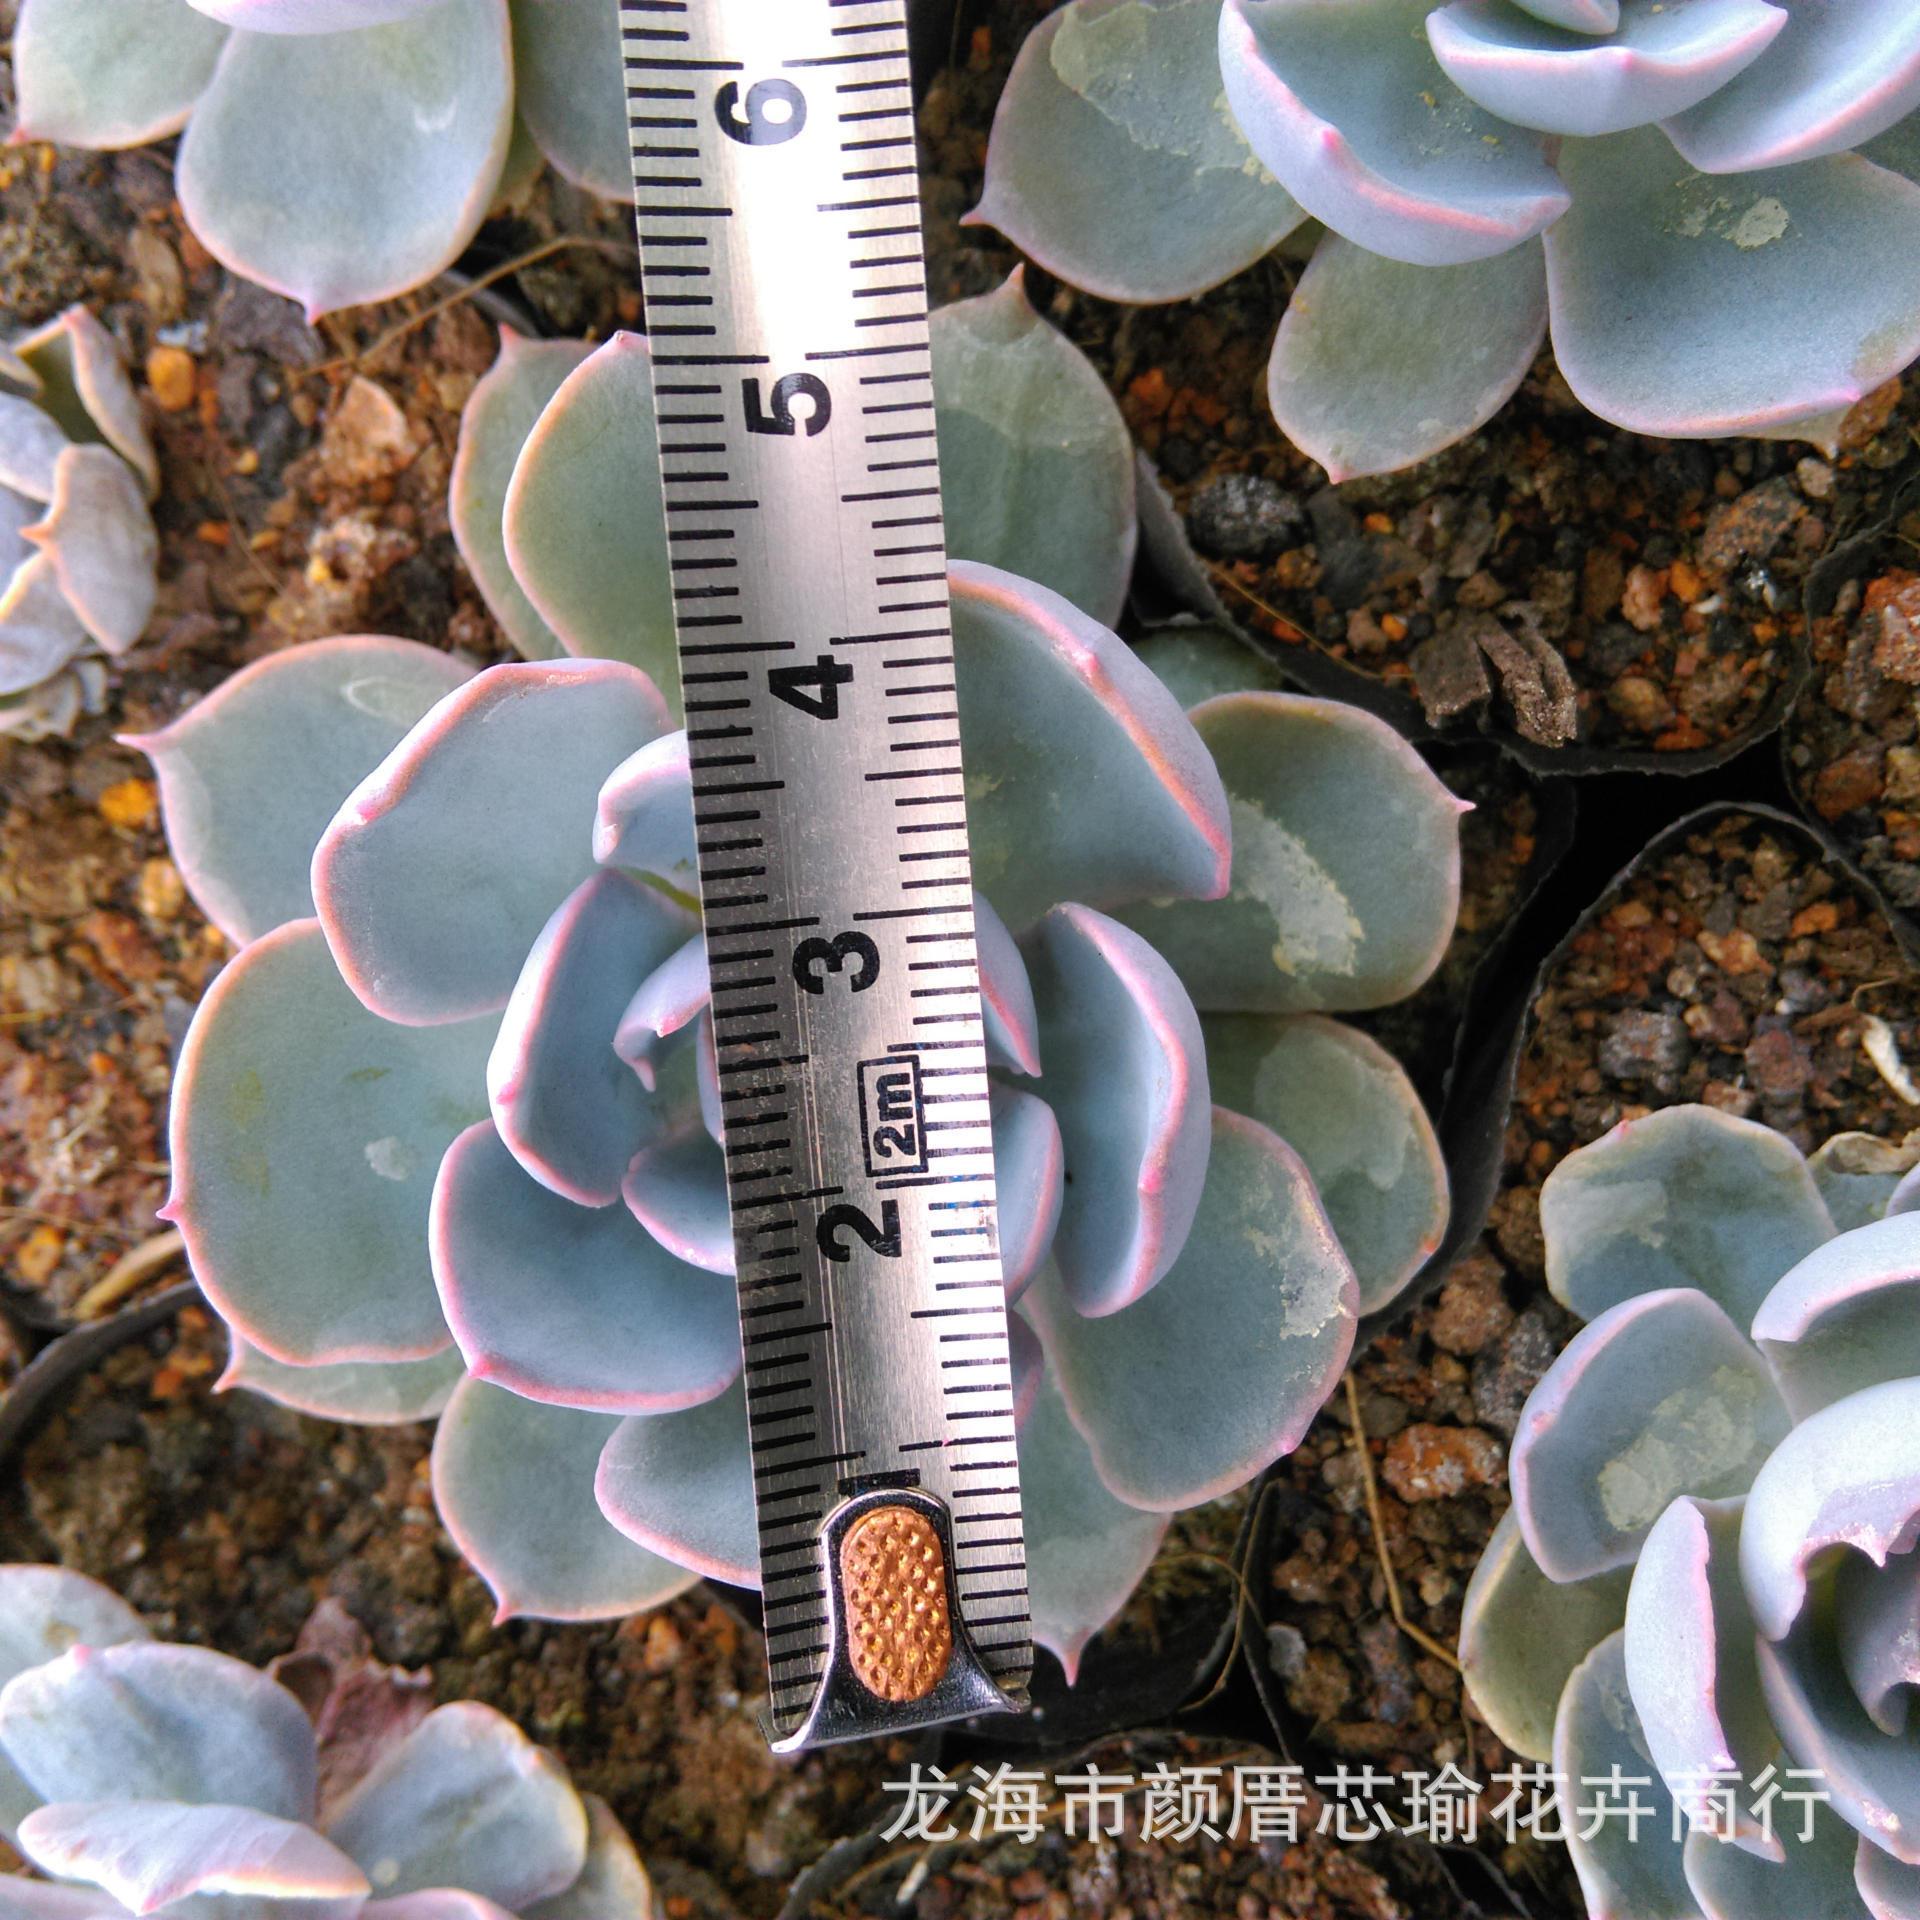 盆栽绿植 漳州多肉植物批发 蓝石莲 小4厘米 盆栽 绿植 阿里巴巴图片